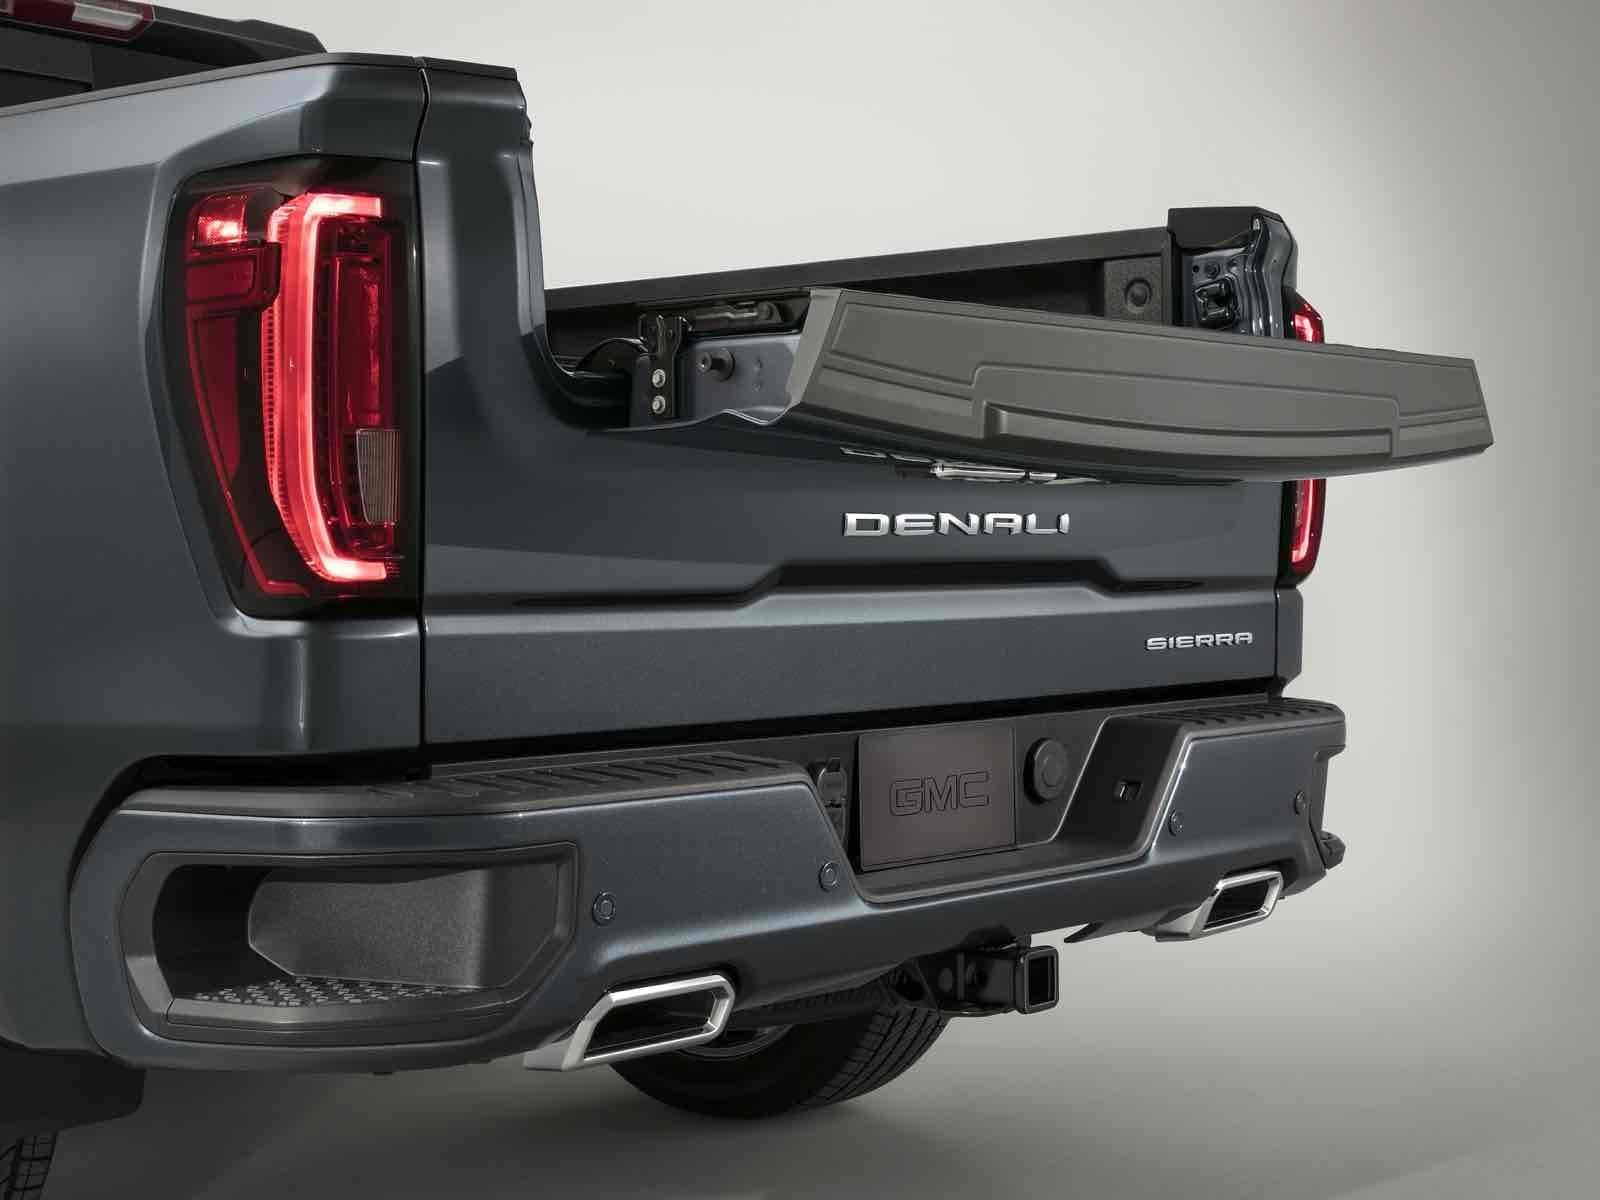 GMC Sierra 2019, estrena batea de carga de fibra de ...